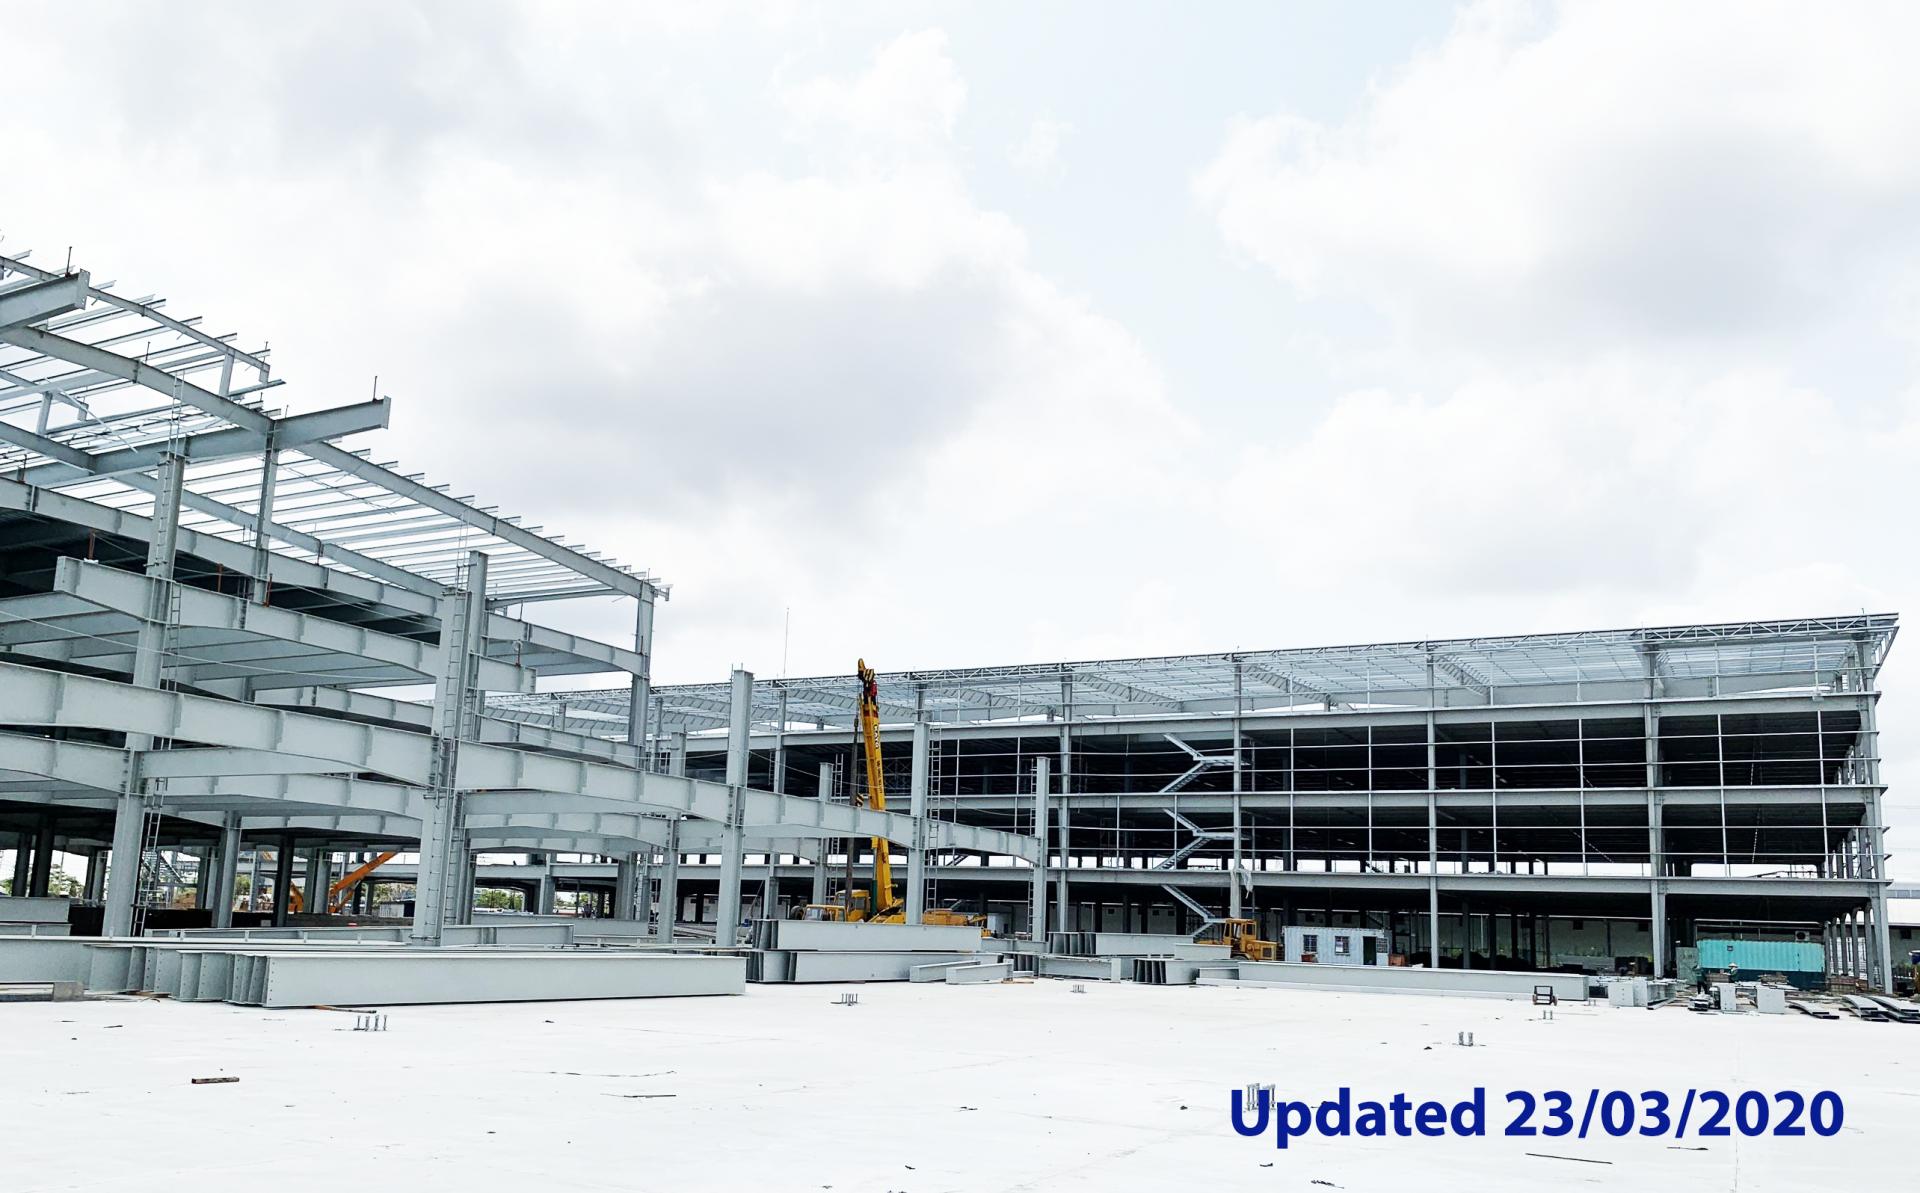 Dự án KIZUNA - Ready Serviced Space tại Khu nhà xưởng Dịch vụ KIZUNA 3 đang khẩn trương đầu tư xây dựng, đưa vào sử dụng trong quý 4/2020 để tiếp tục thu hút FDI vào Việt nam sau dịch Covid-19